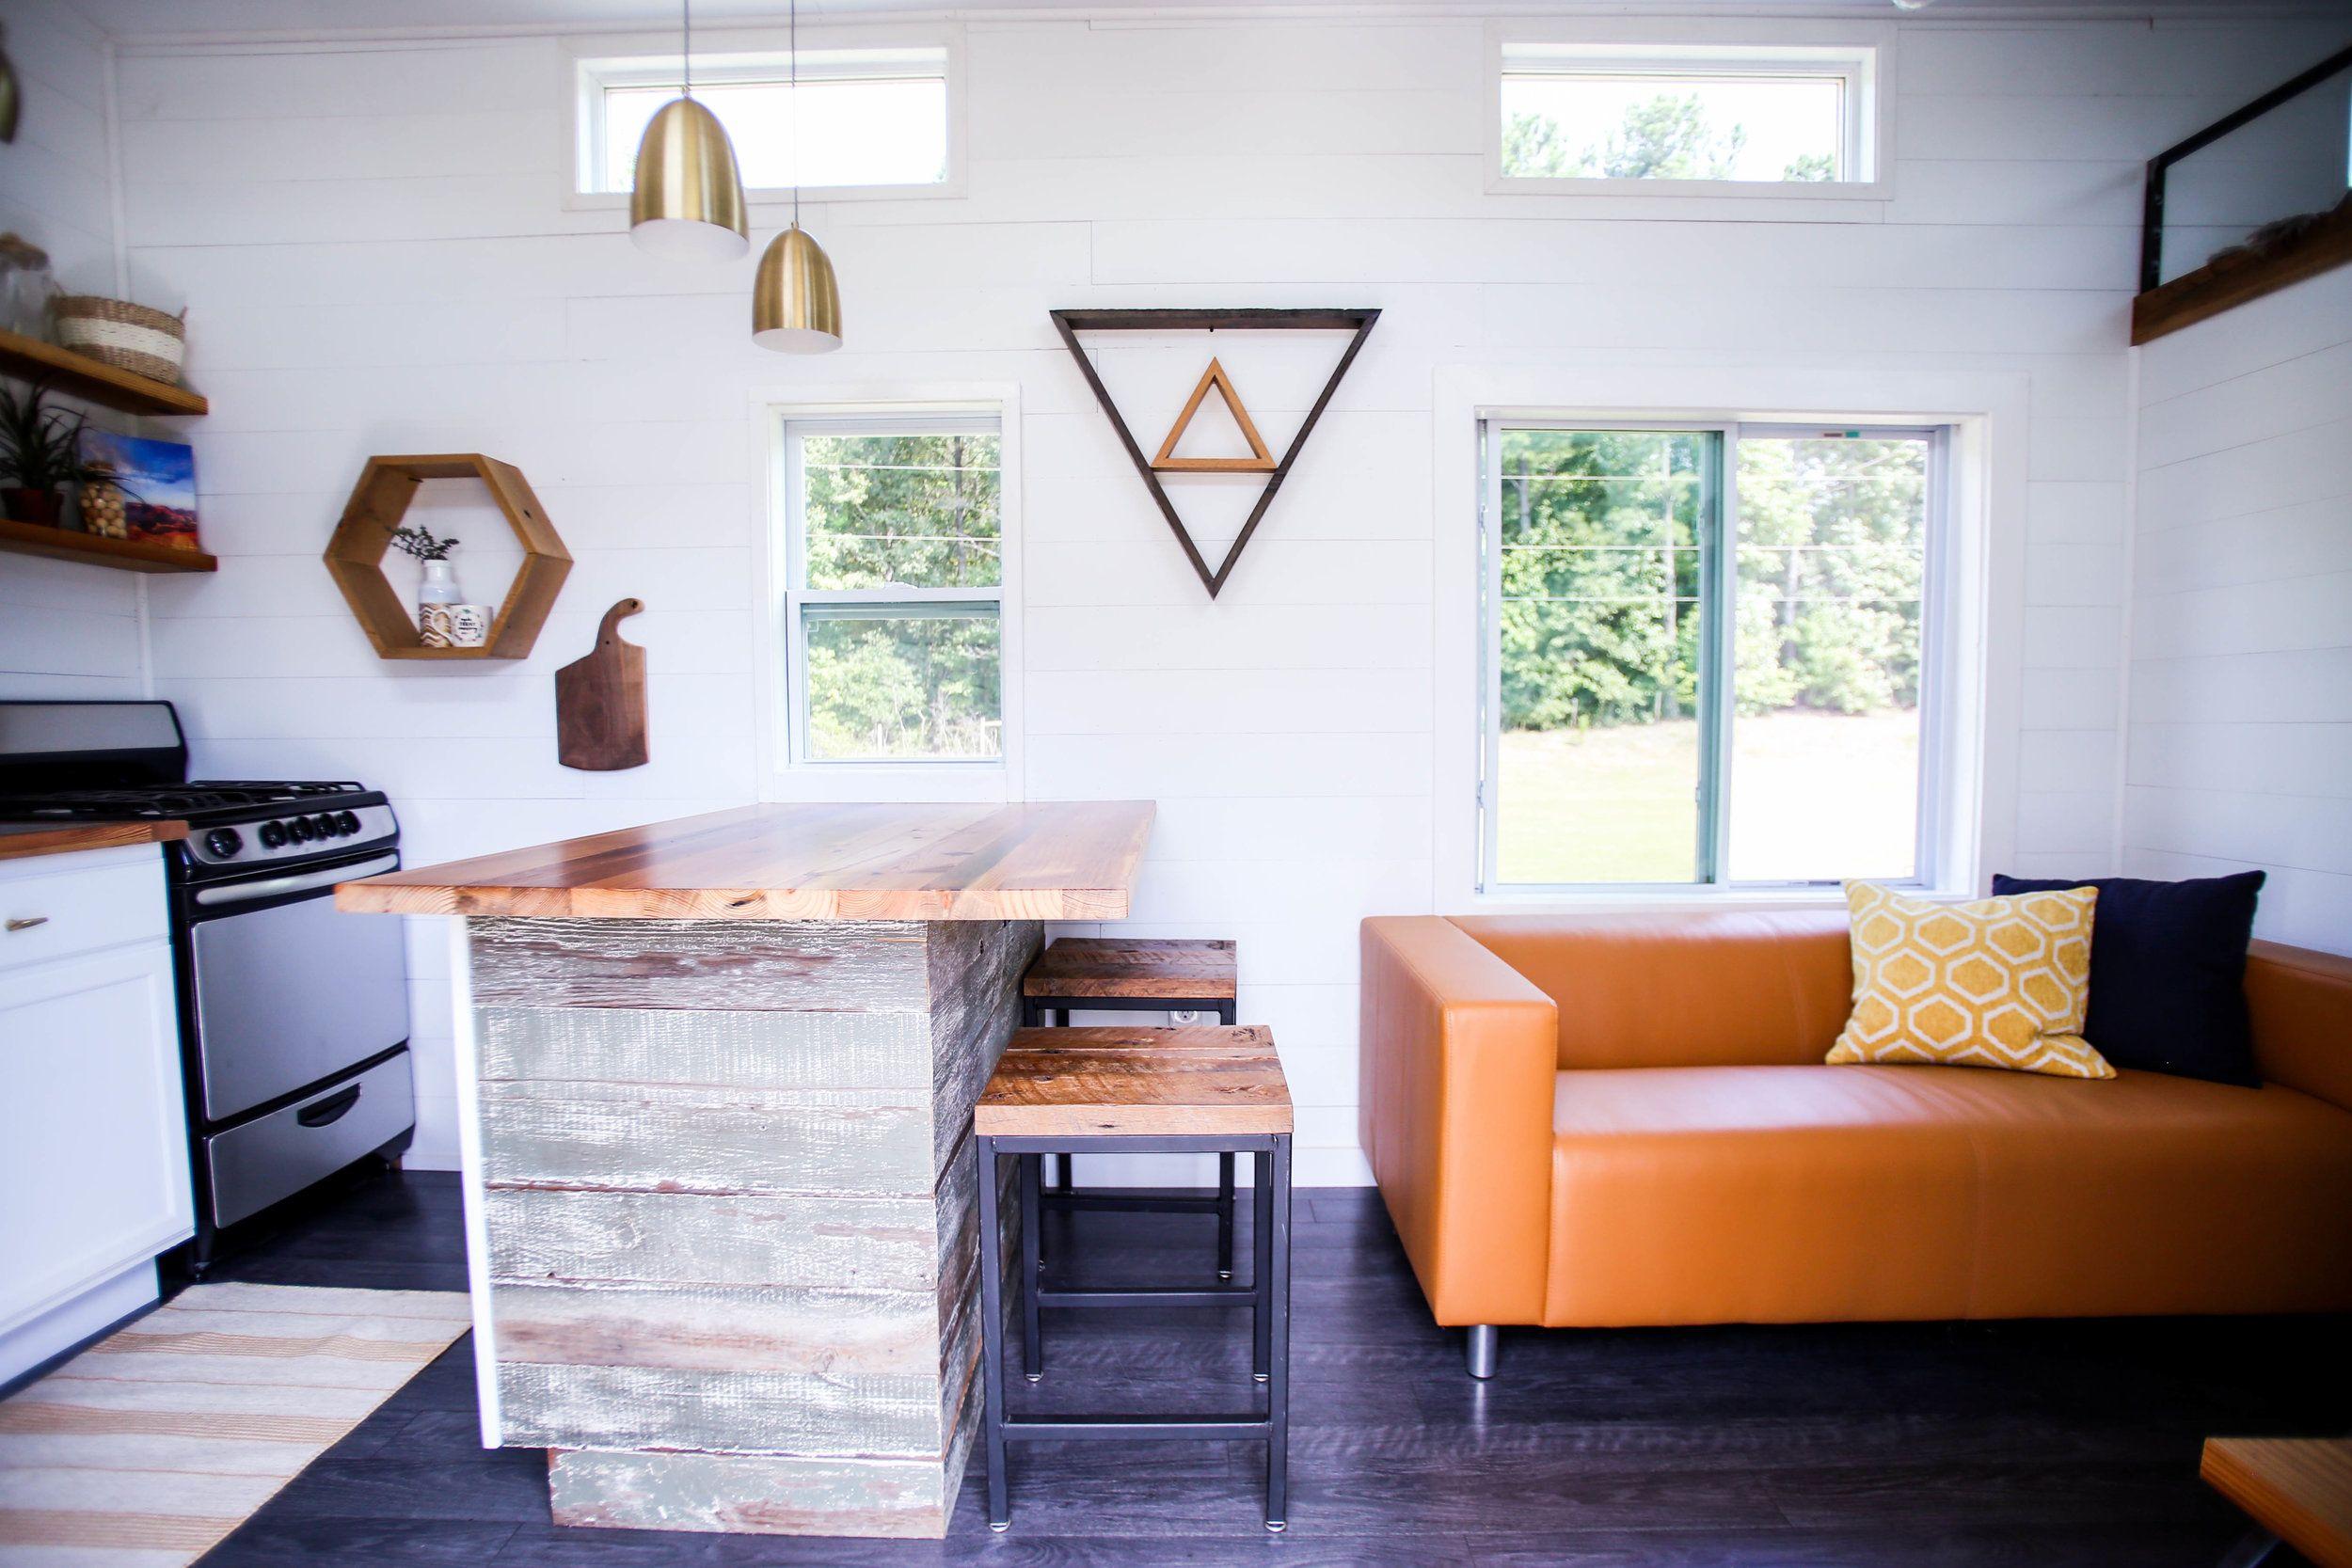 ABD-8264.jpg (2500×1667)   Kitchen   Pinterest